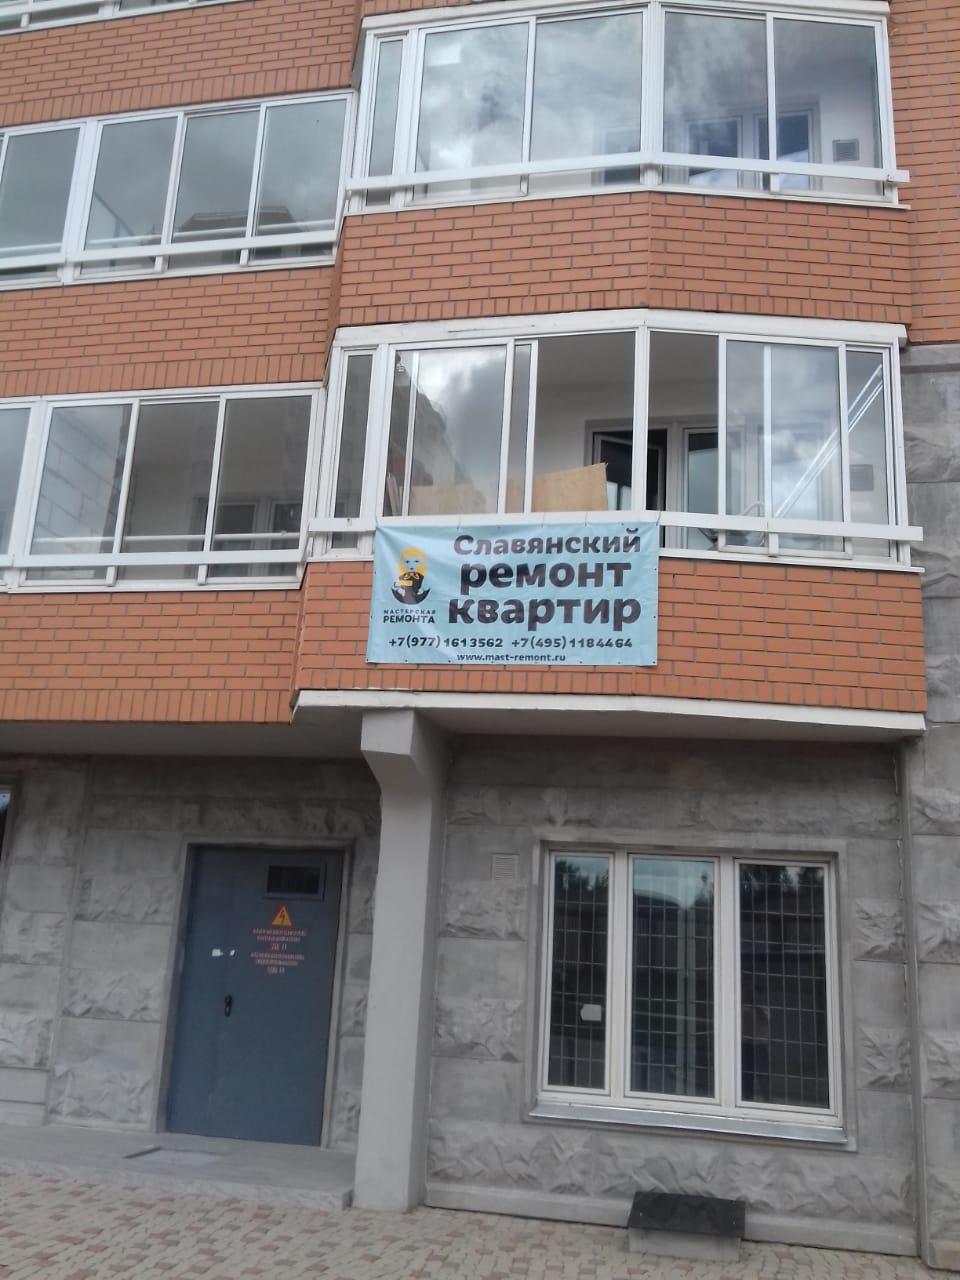 ООО Мастерская Ремонта отзывы